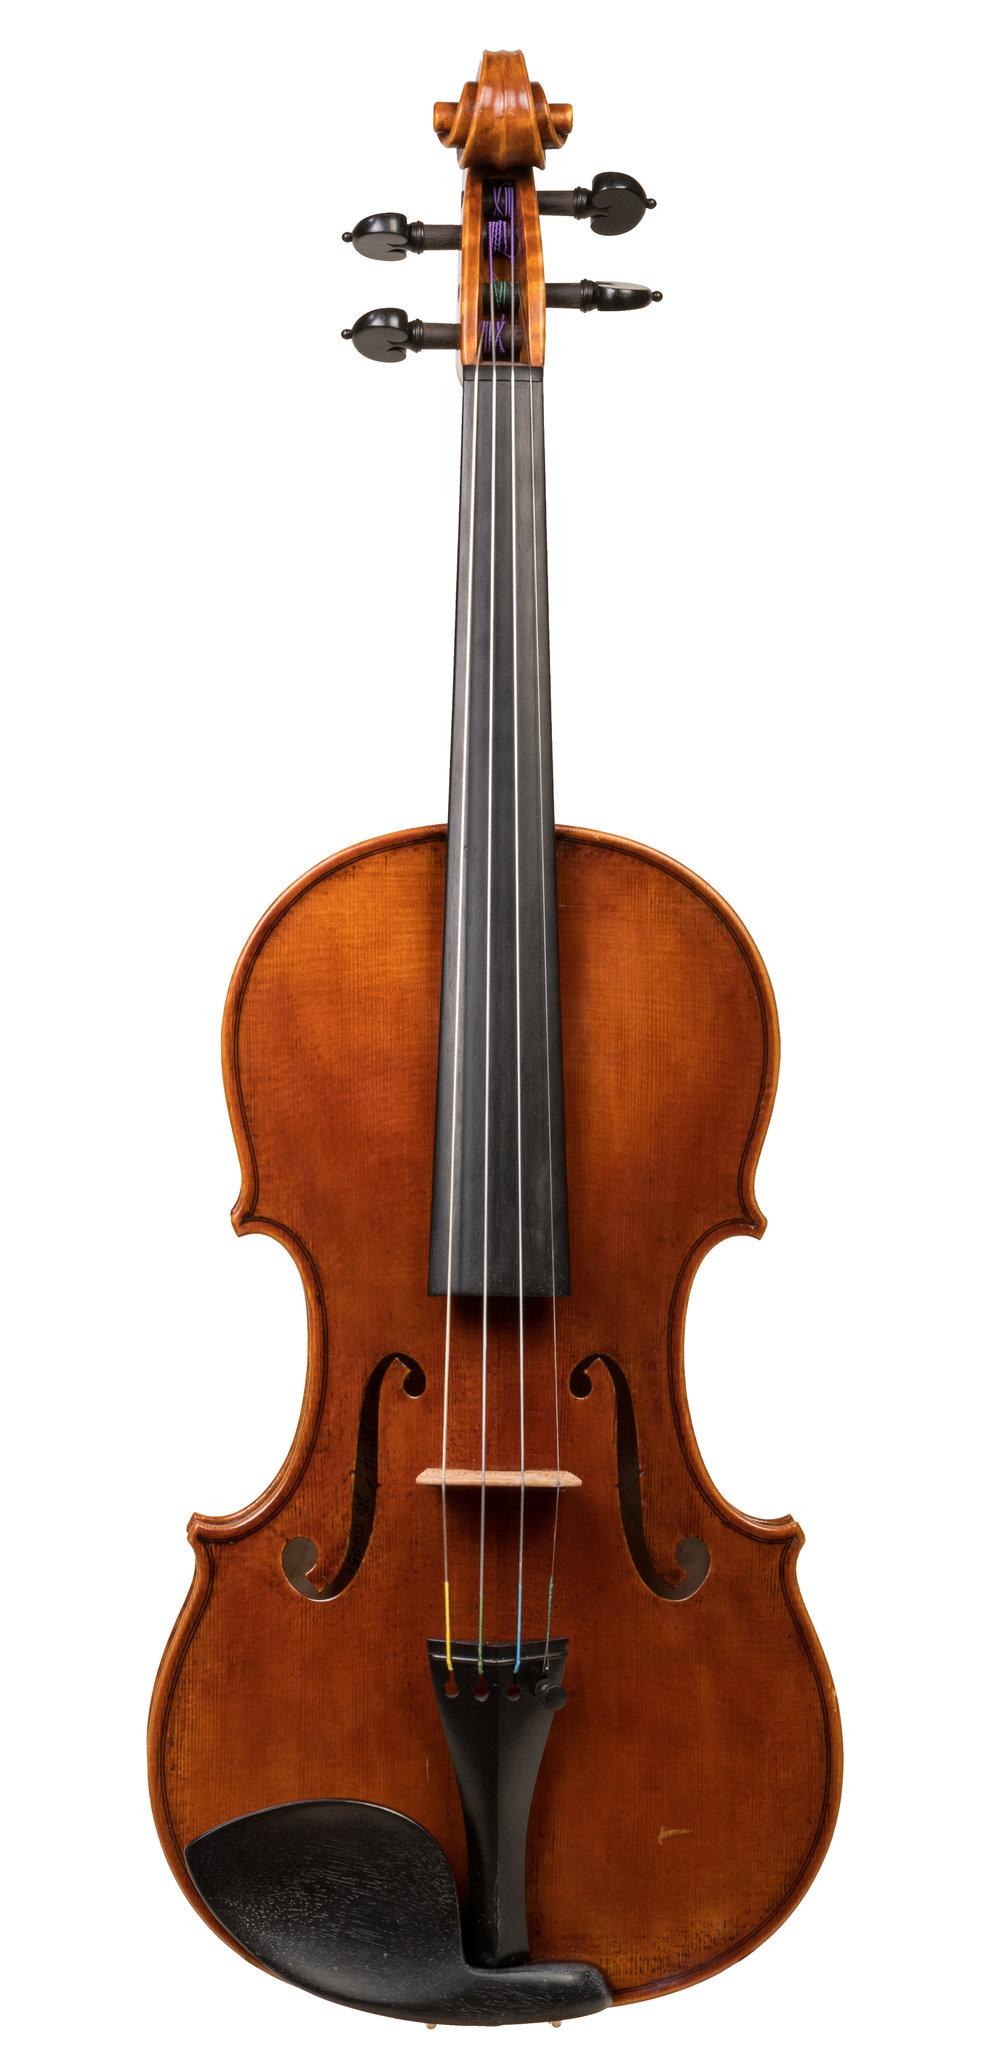 Heeyoung Kang violin, Chicago, 2014 -